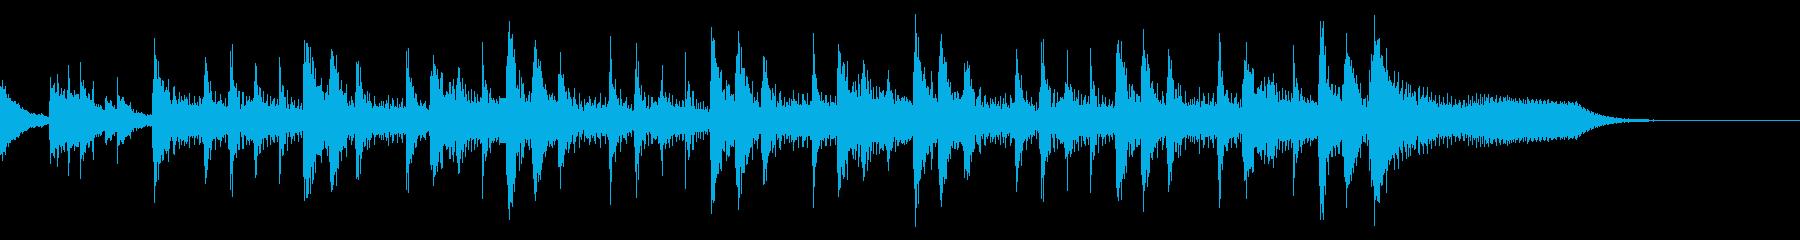 ランチェロリズム、速いテンポ、ベー...の再生済みの波形